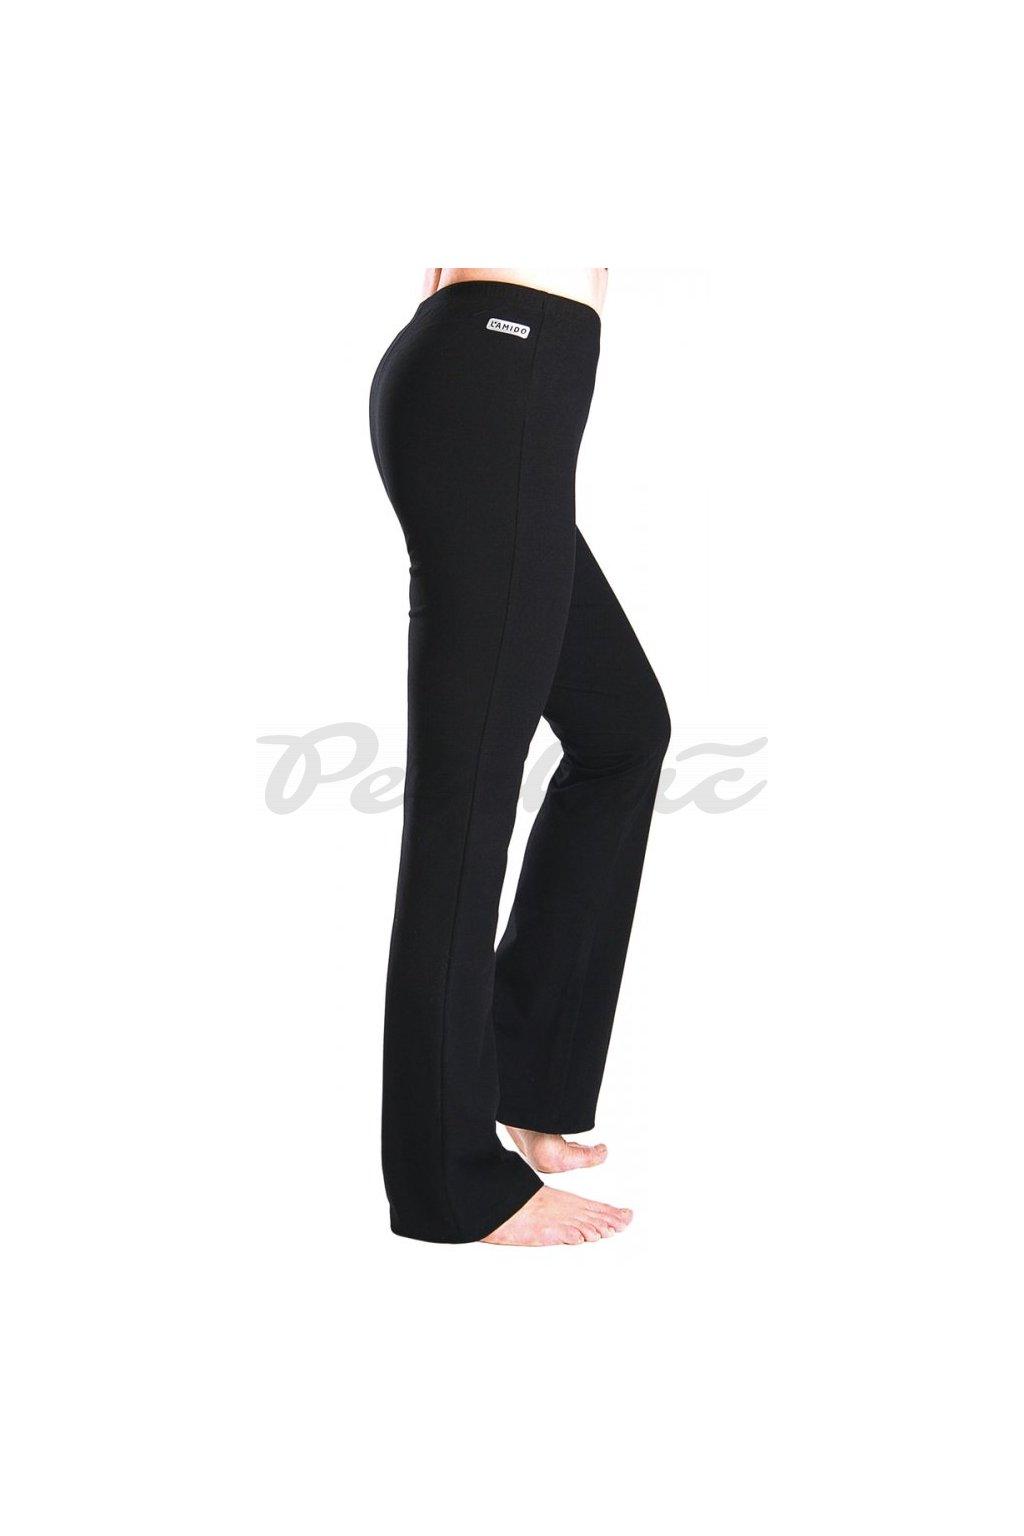 HANČA - kalhoty